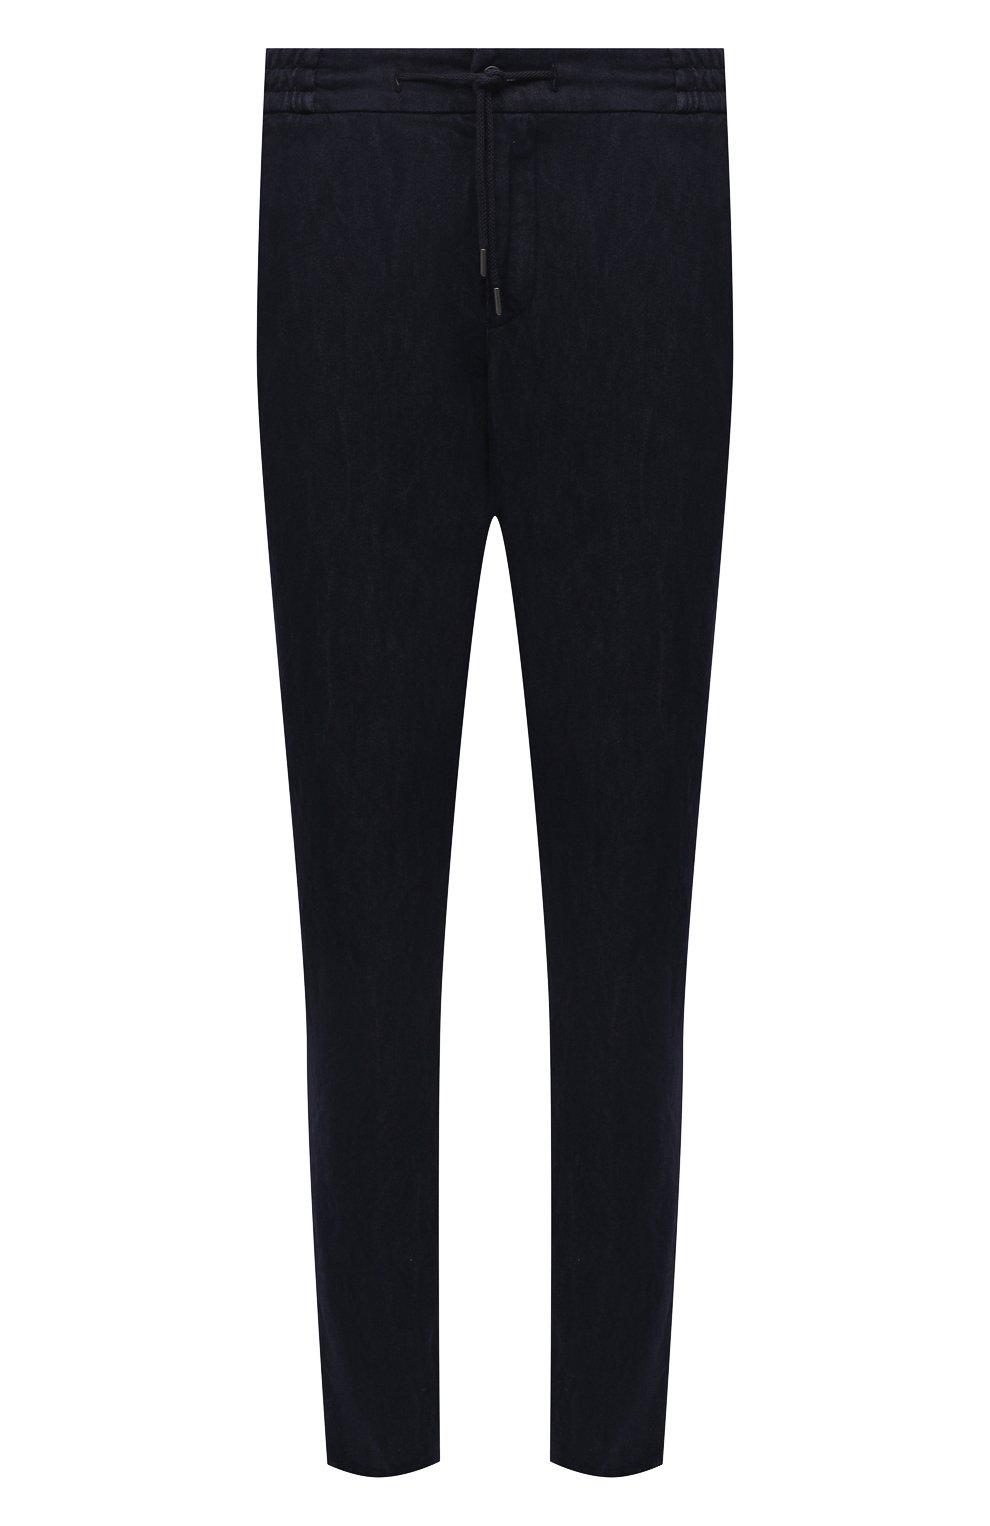 Мужские брюки ANDREA CAMPAGNA темно-синего цвета, арт. SPIAGGIA/PU0225X | Фото 1 (Длина (брюки, джинсы): Стандартные; Случай: Повседневный; Материал внешний: Хлопок; Стили: Кэжуэл)